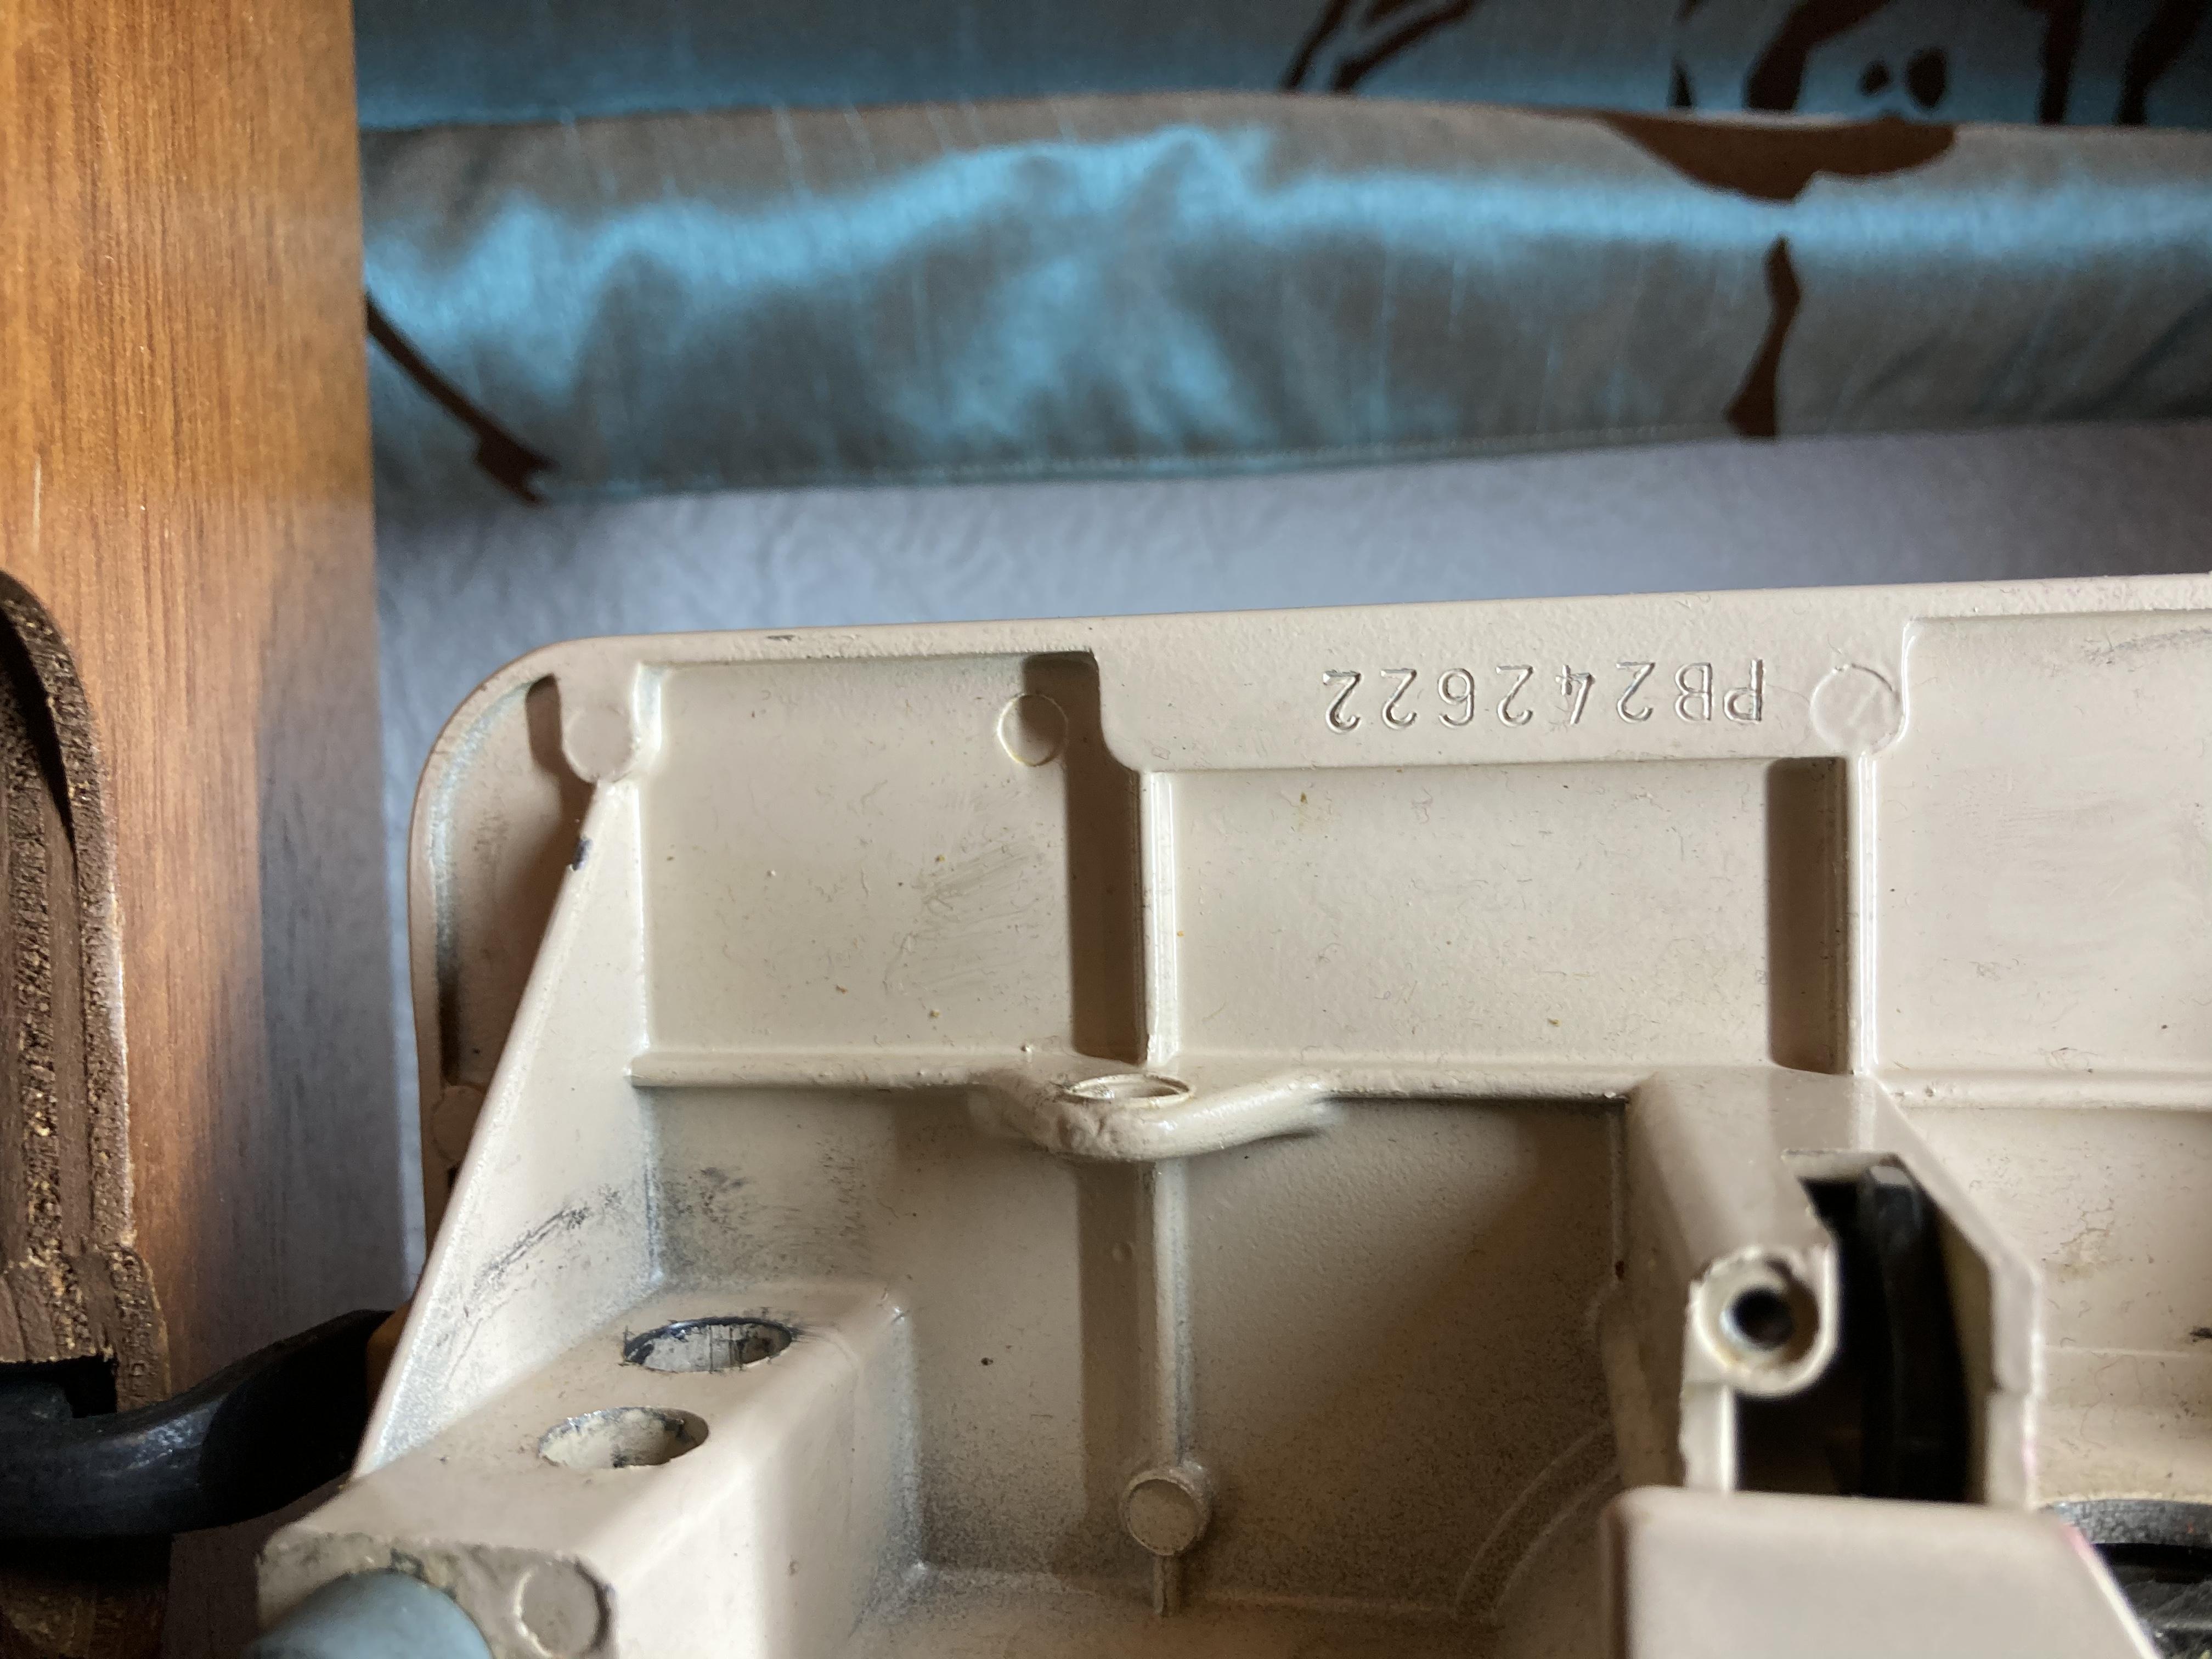 E1F429CD-4D6C-4025-A755-543523A7A567